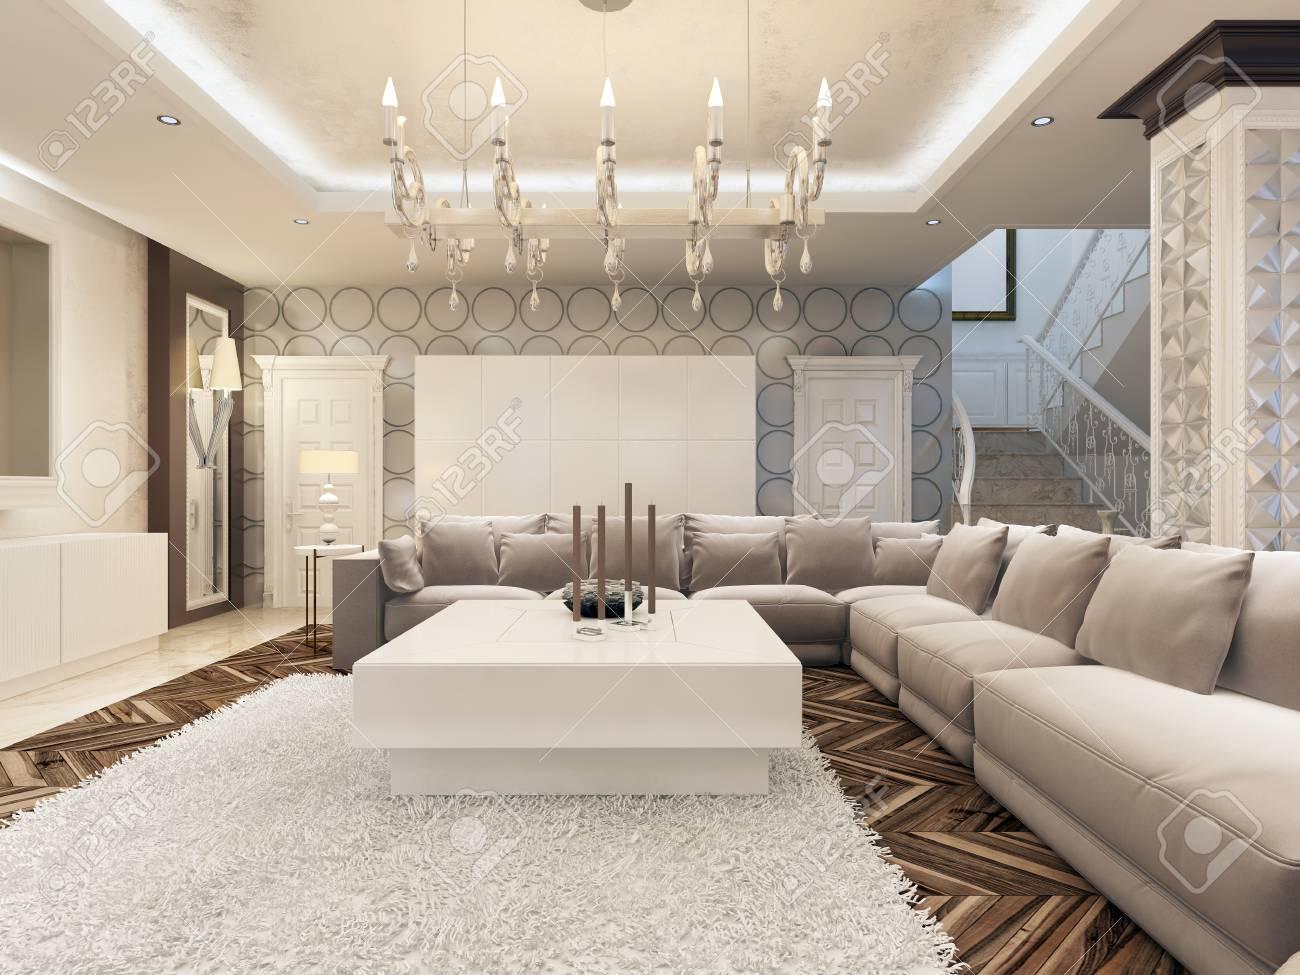 Full Size of Luxury Art Helles Wohnzimmer Mit Groen Ecksofa Und Großes Regal Sofa Bezug Garten Bild Bett Ottomane Wohnzimmer Großes Ecksofa